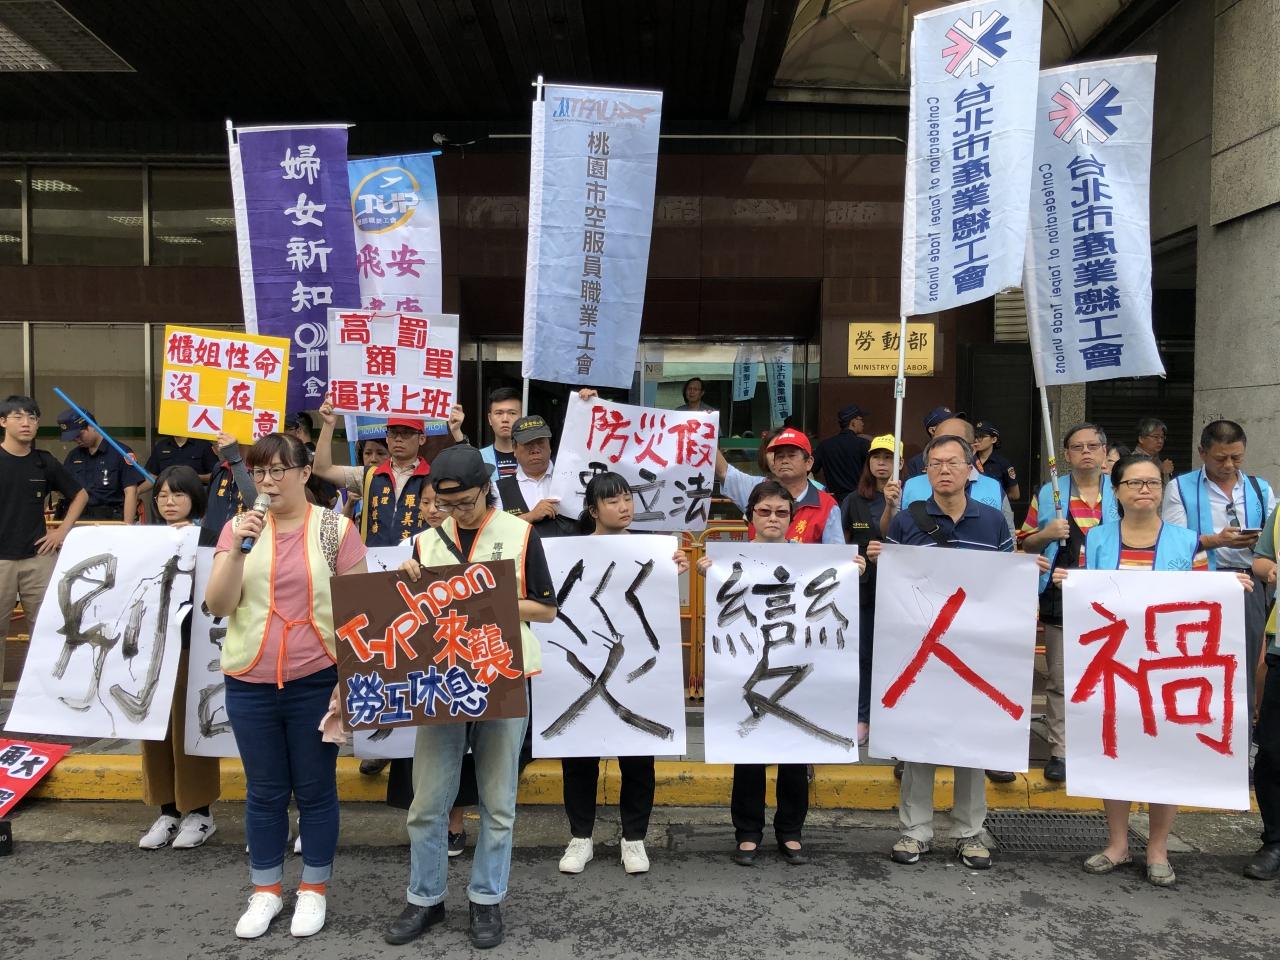 專櫃暨銷售人員產業工會赴勞動部呼籲「防災假」儘速立法。(攝影:王顥中)